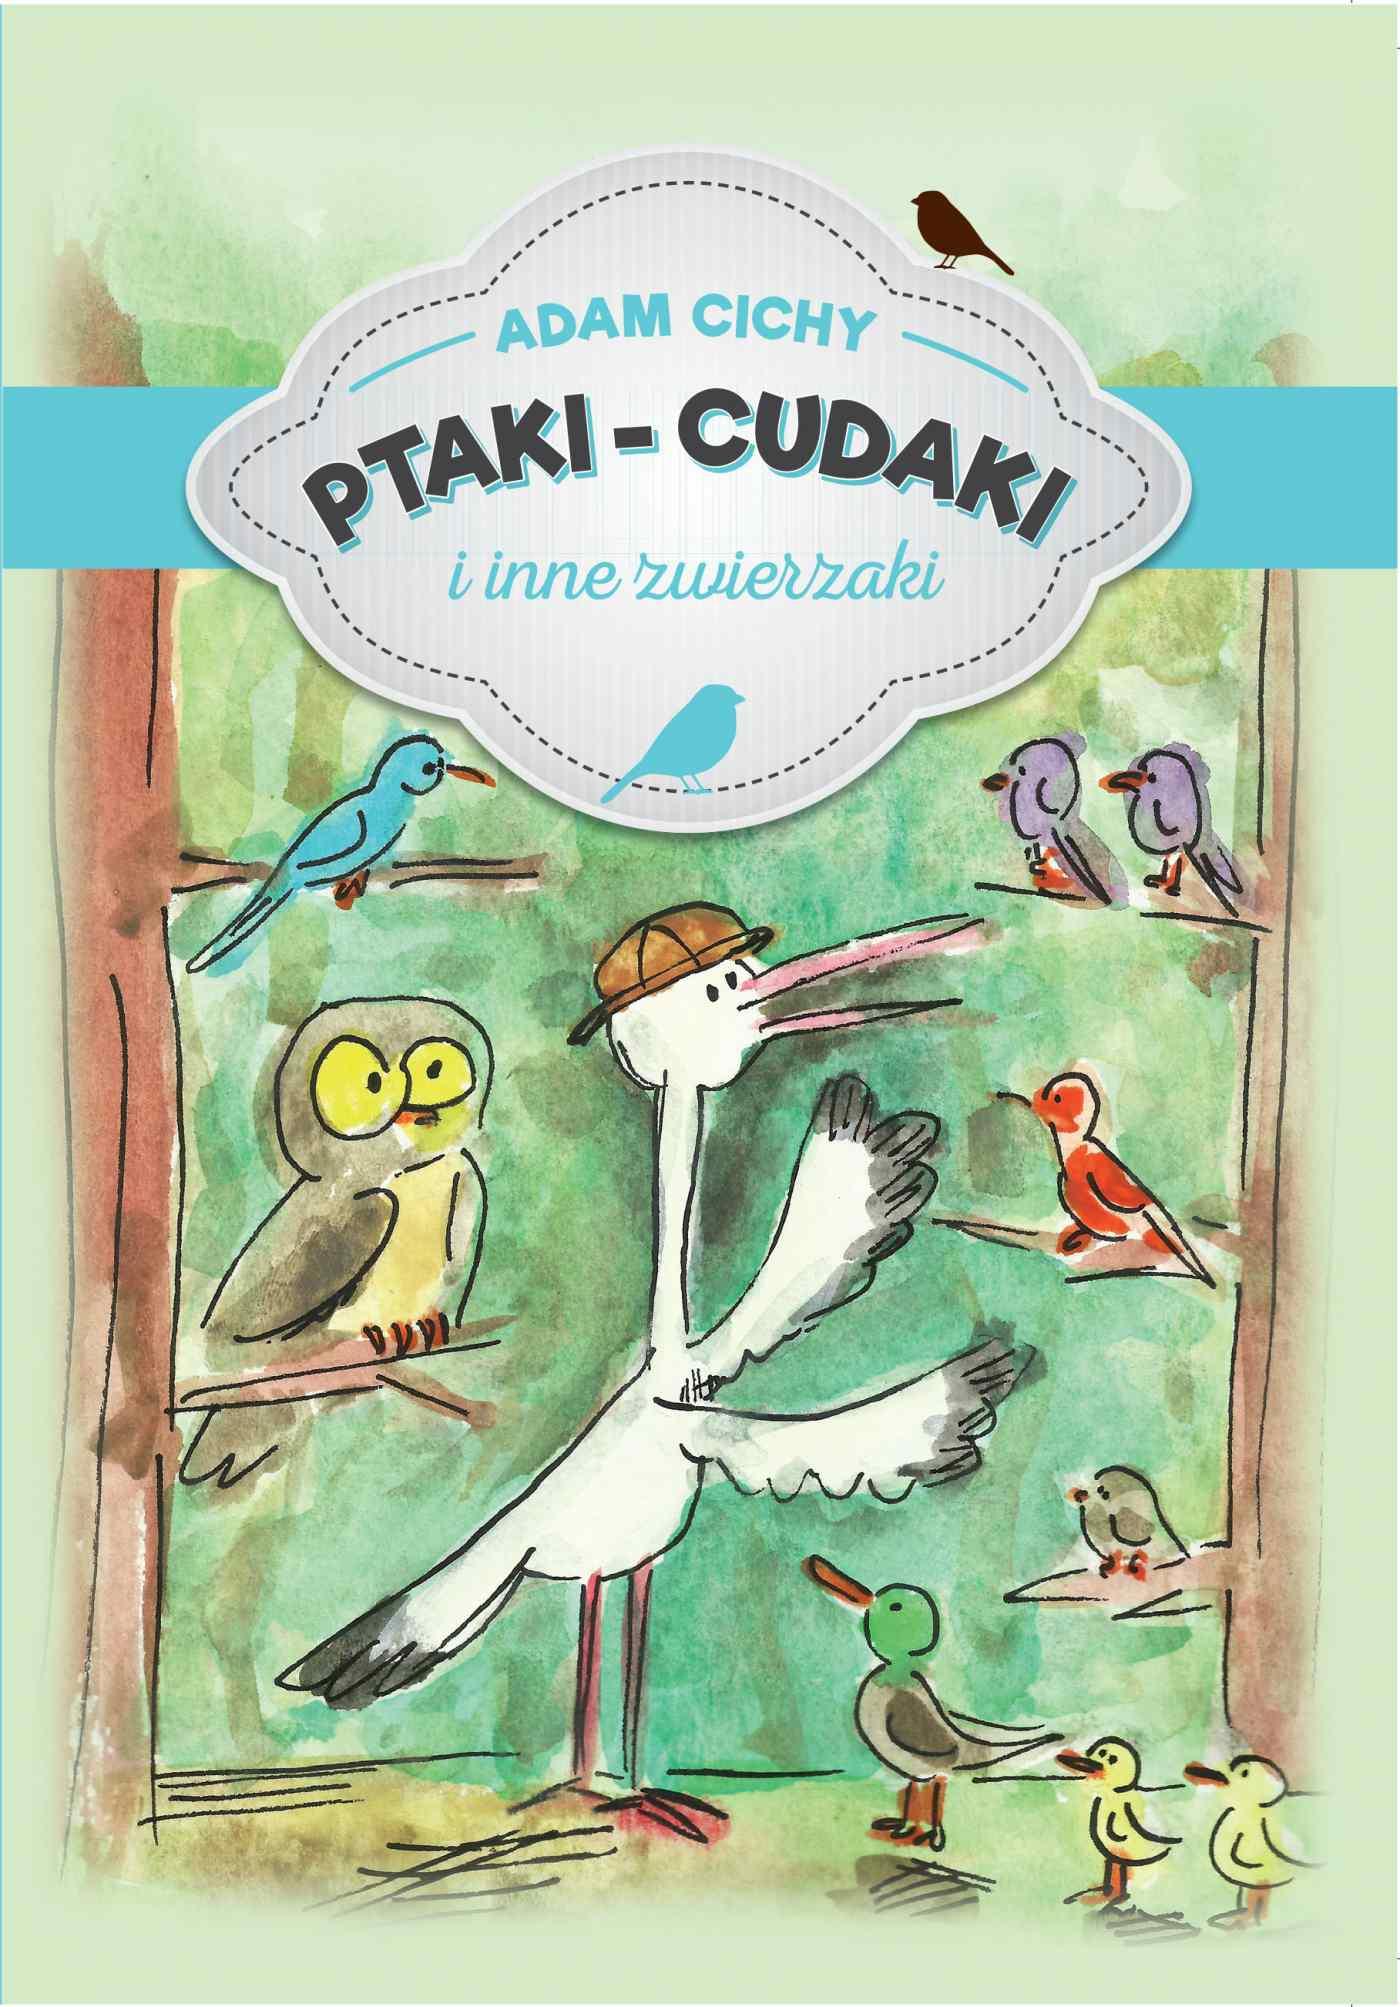 Ptaki – cudaki i inne zwierzaki - Ebook (Książka na Kindle) do pobrania w formacie MOBI